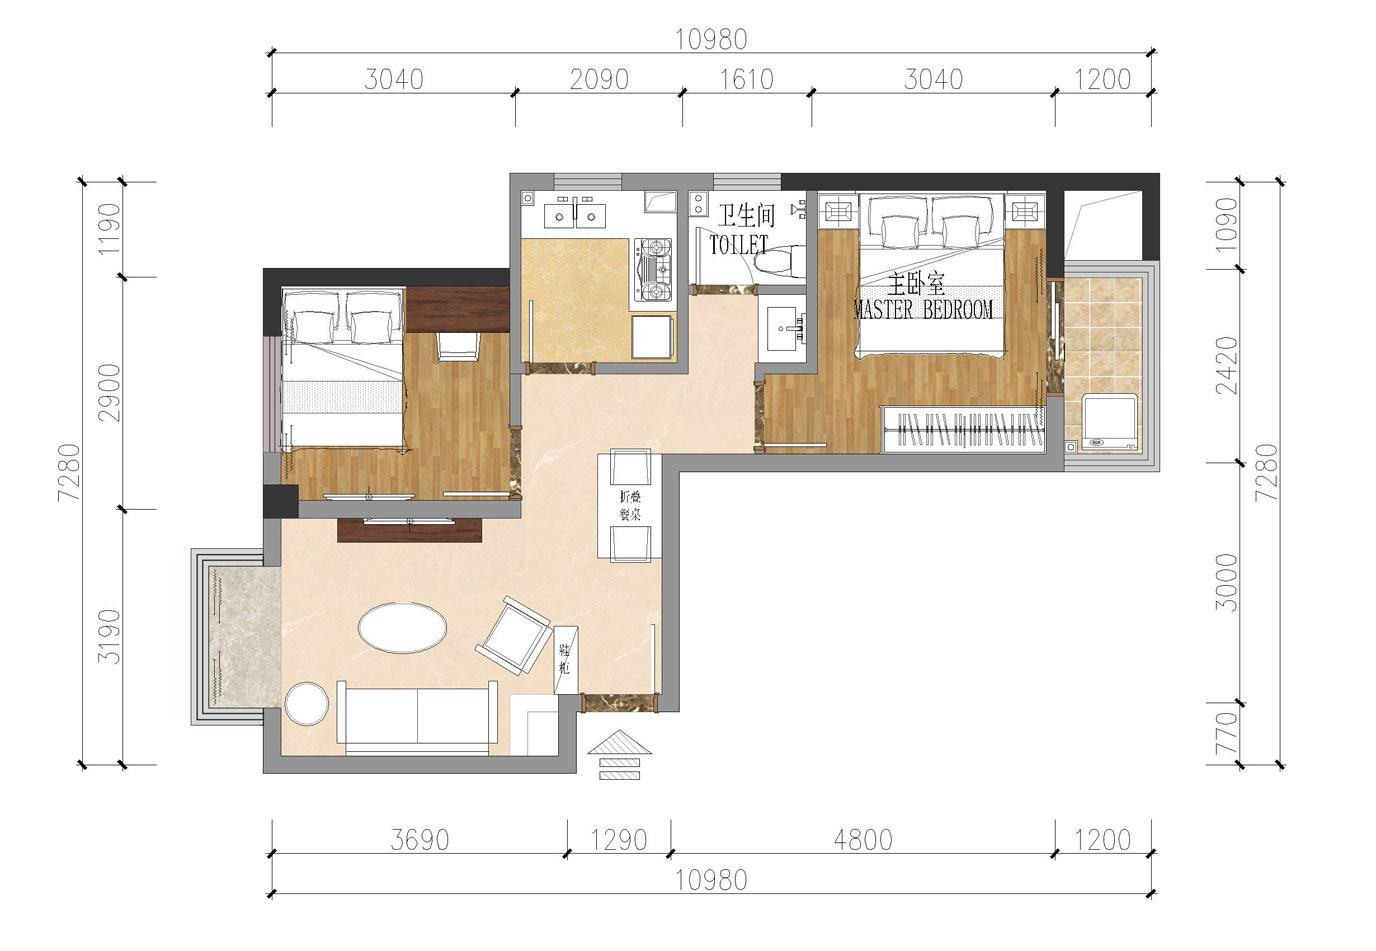 马思设计提供的平面设计图